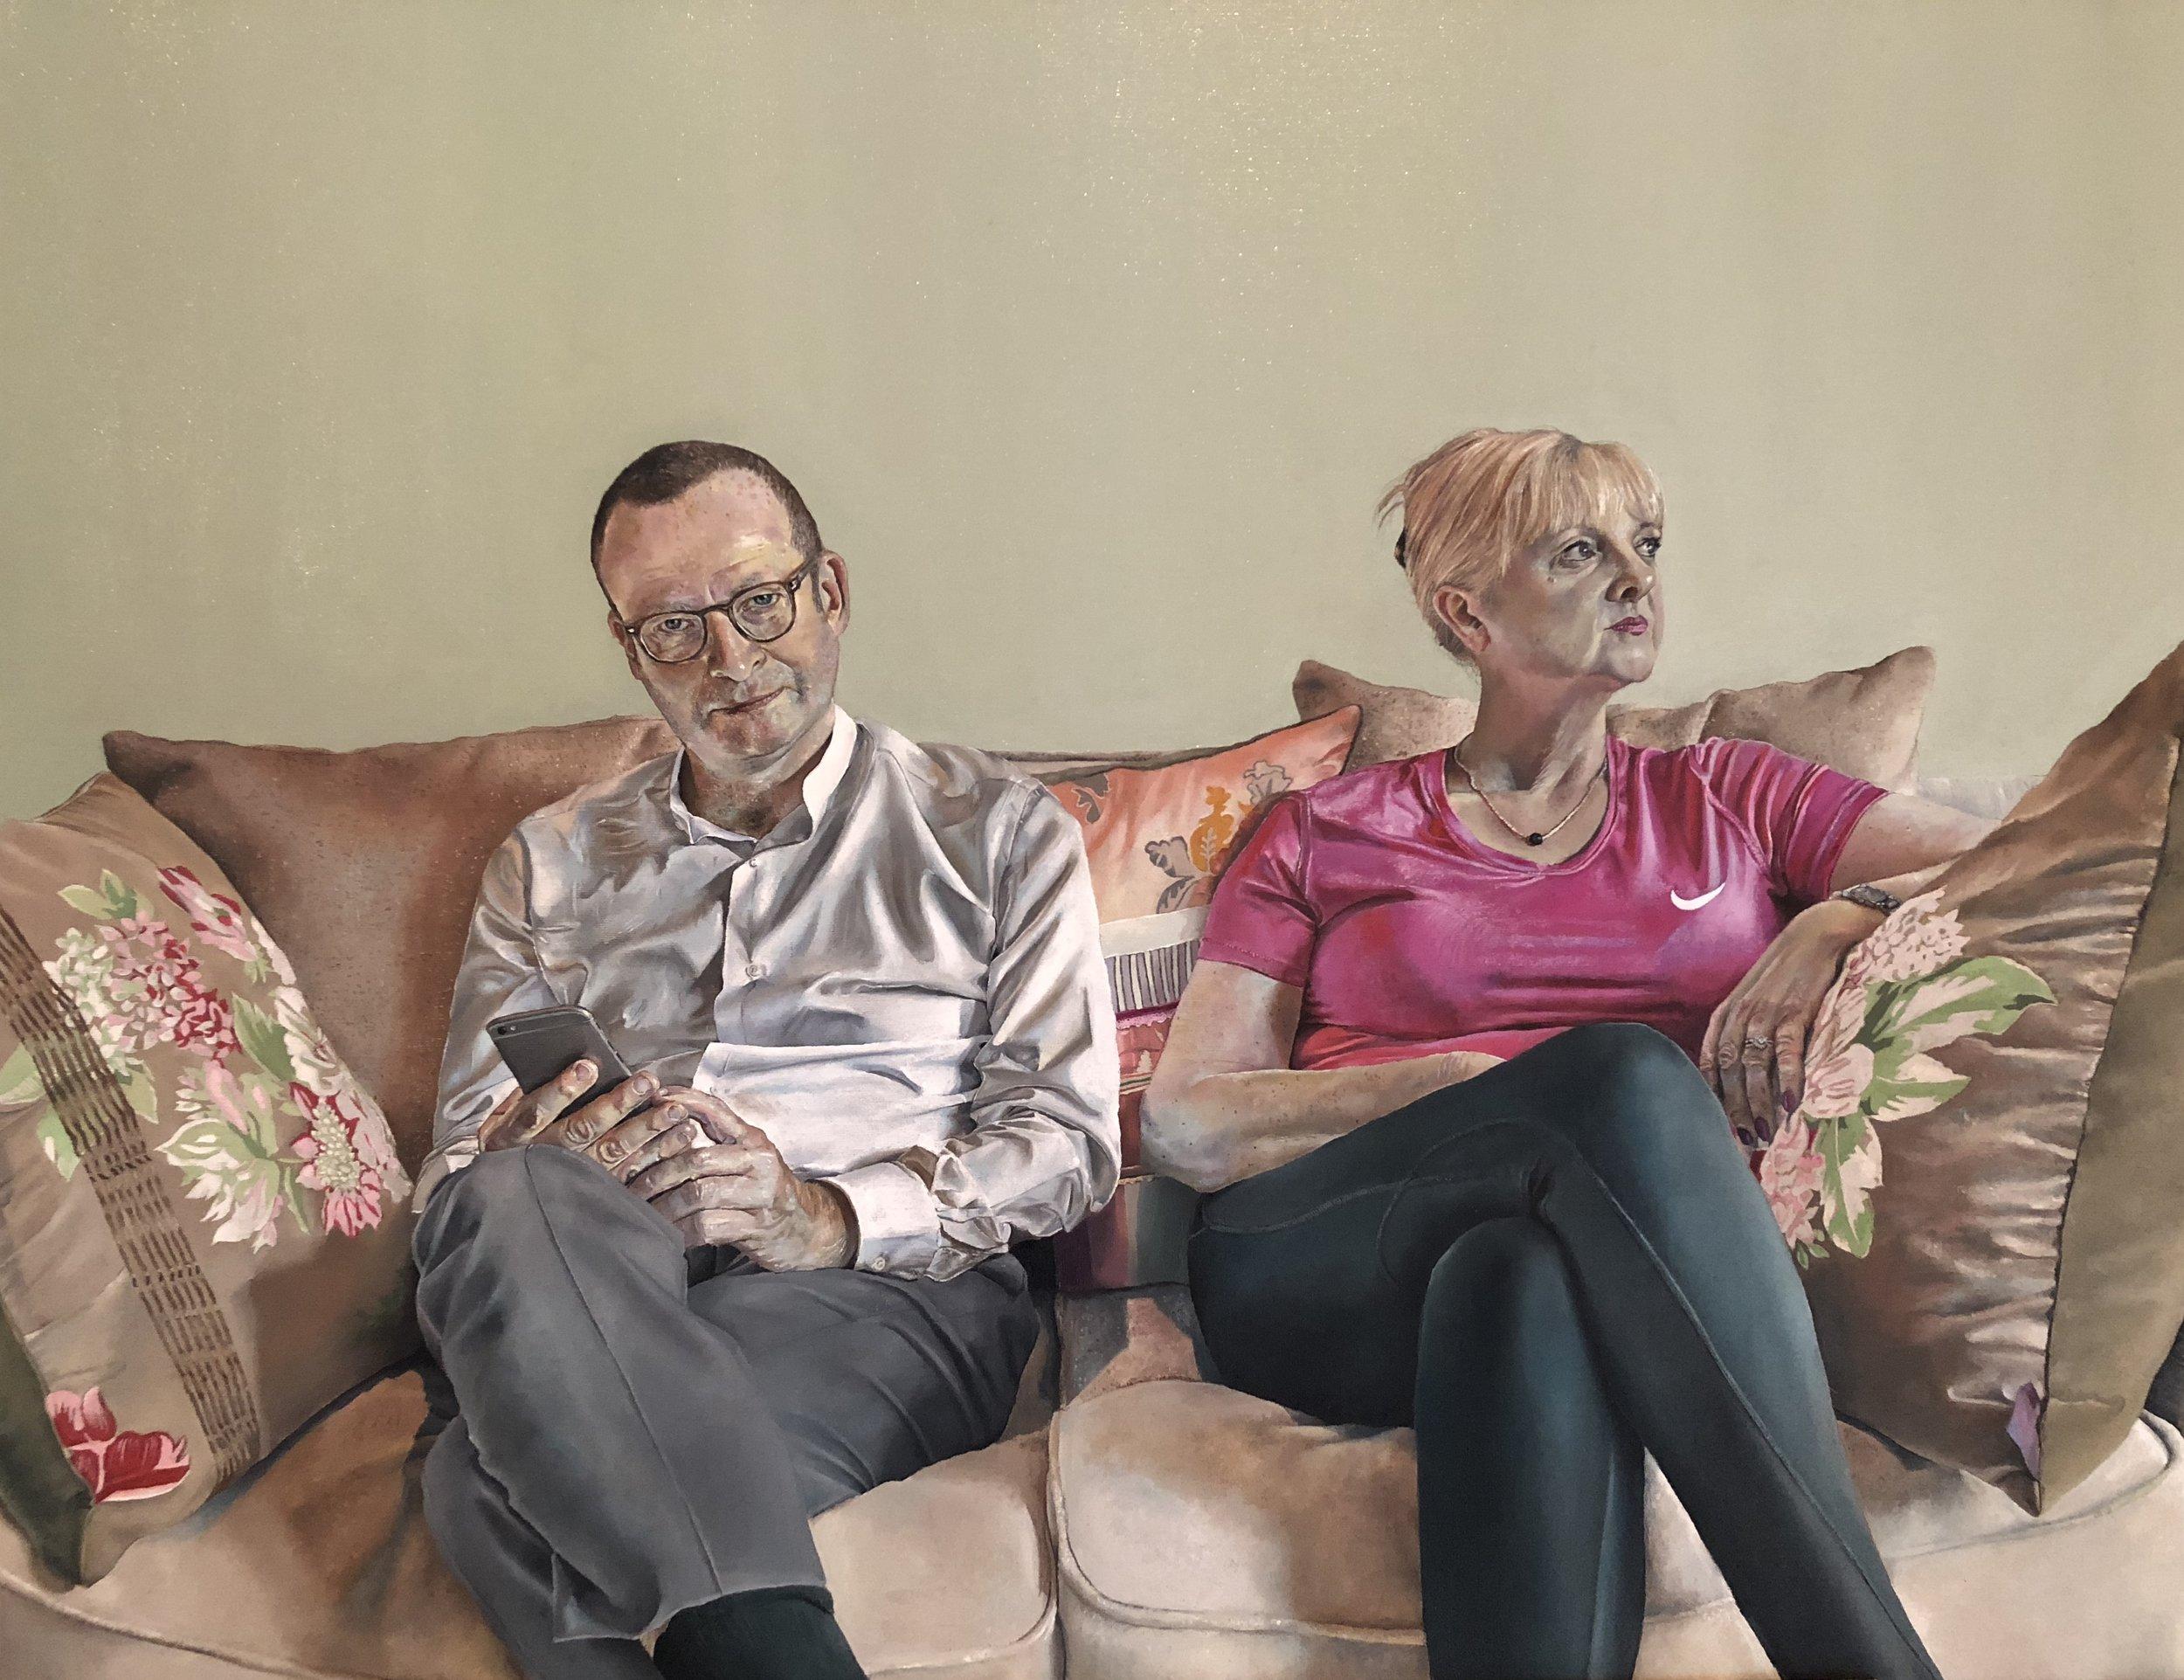 Hannah Murray, Mum and Dad, Oil on Canvas, 55 x 68 cm,  http://www.hannahmurray-art.com